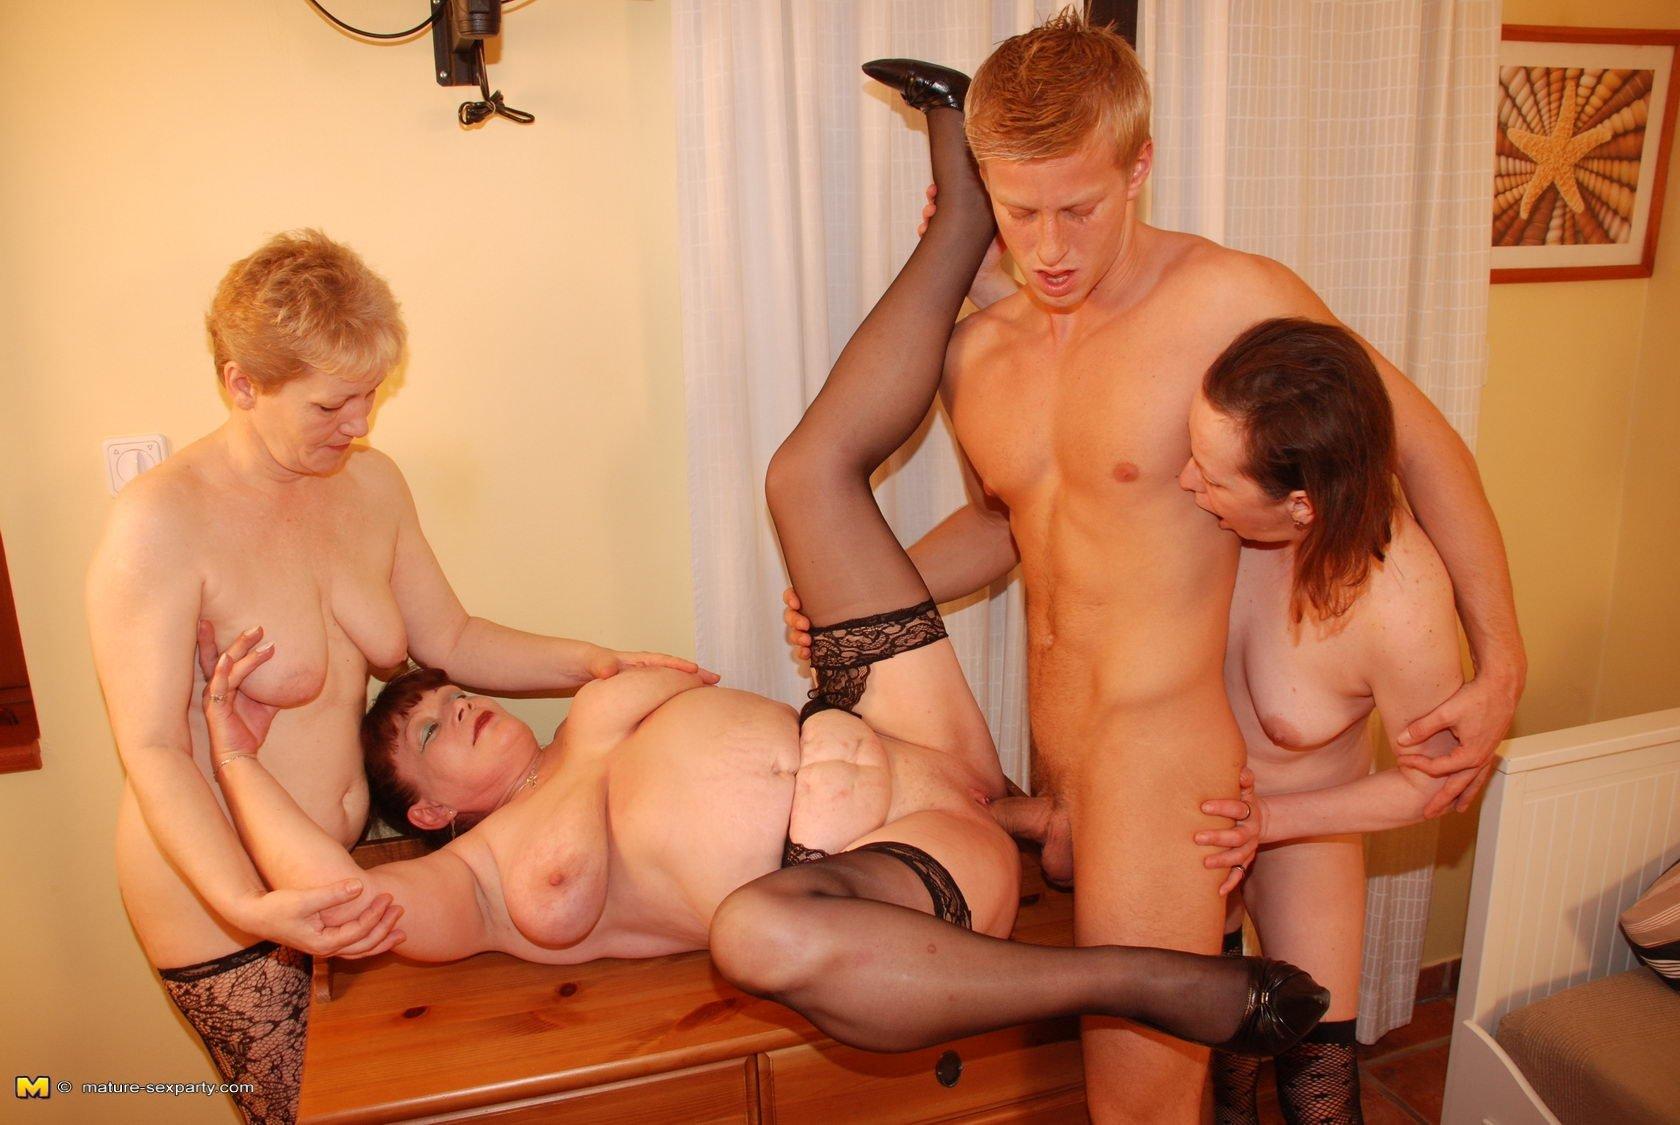 Зрелые мамочки смотреть фото эротика наличии